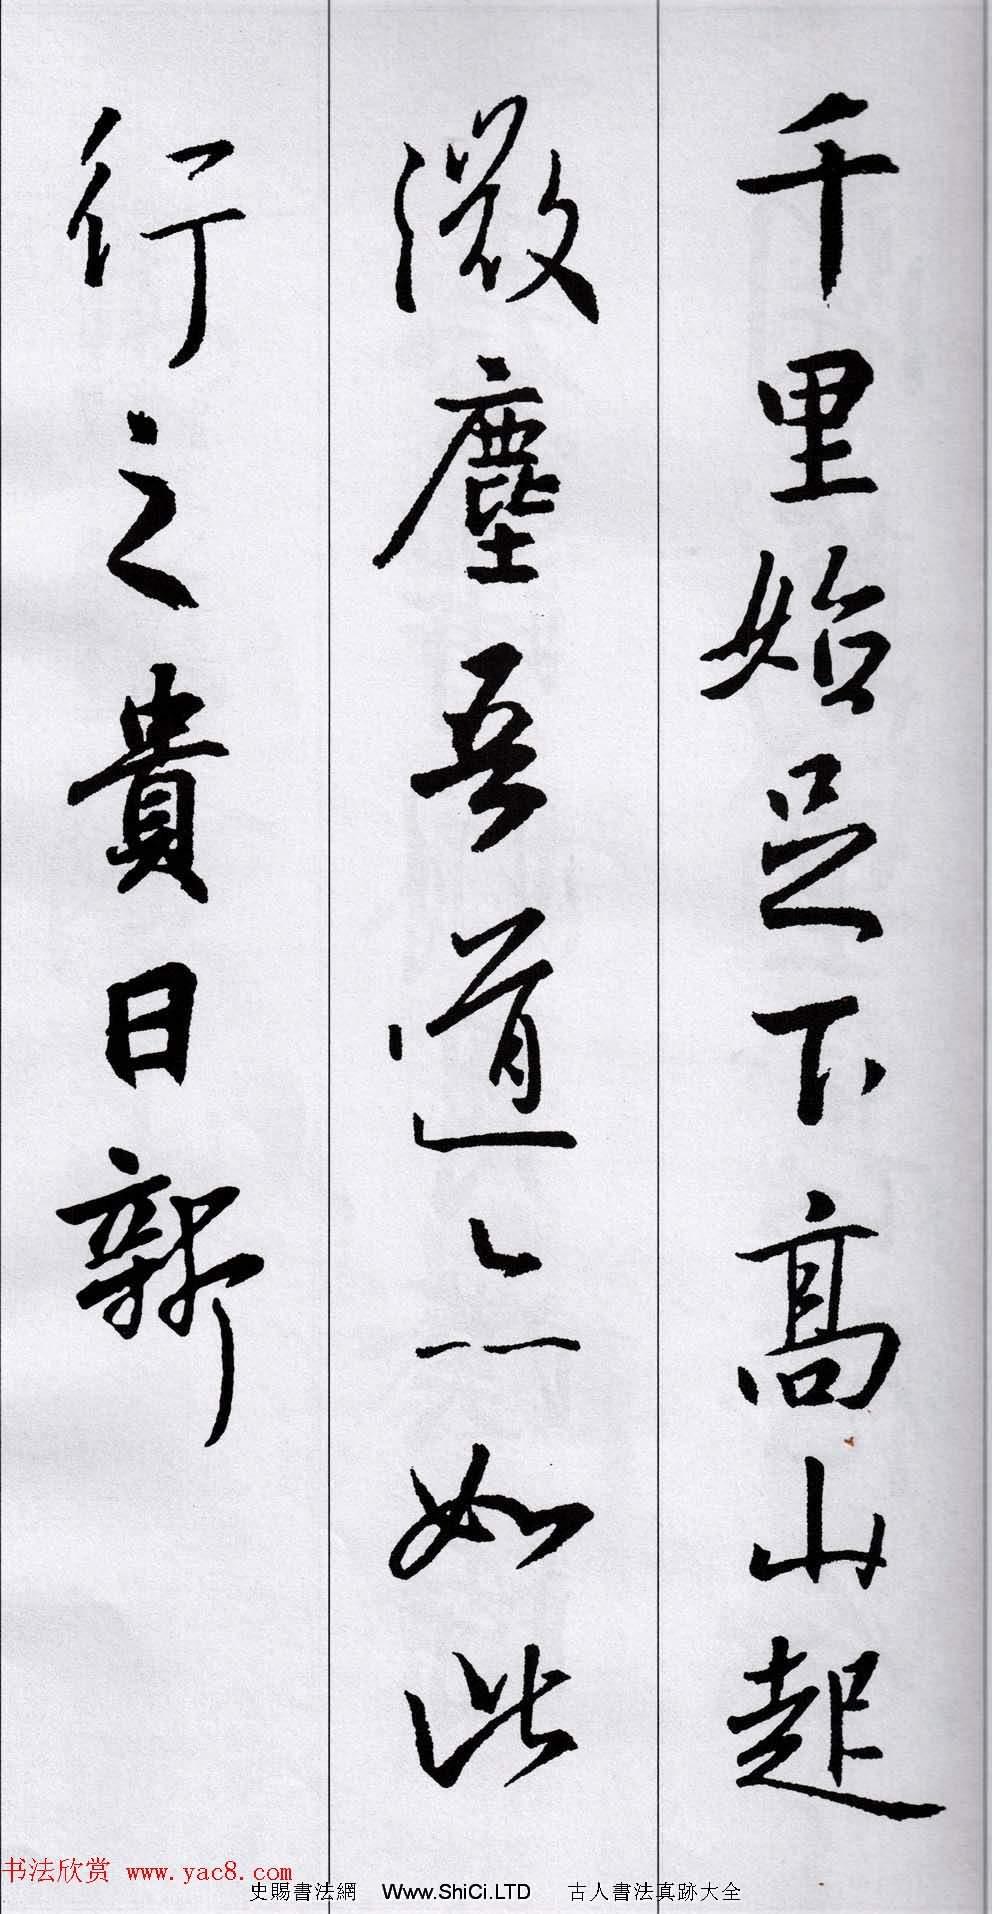 王羲之行書集字五言古詩15首